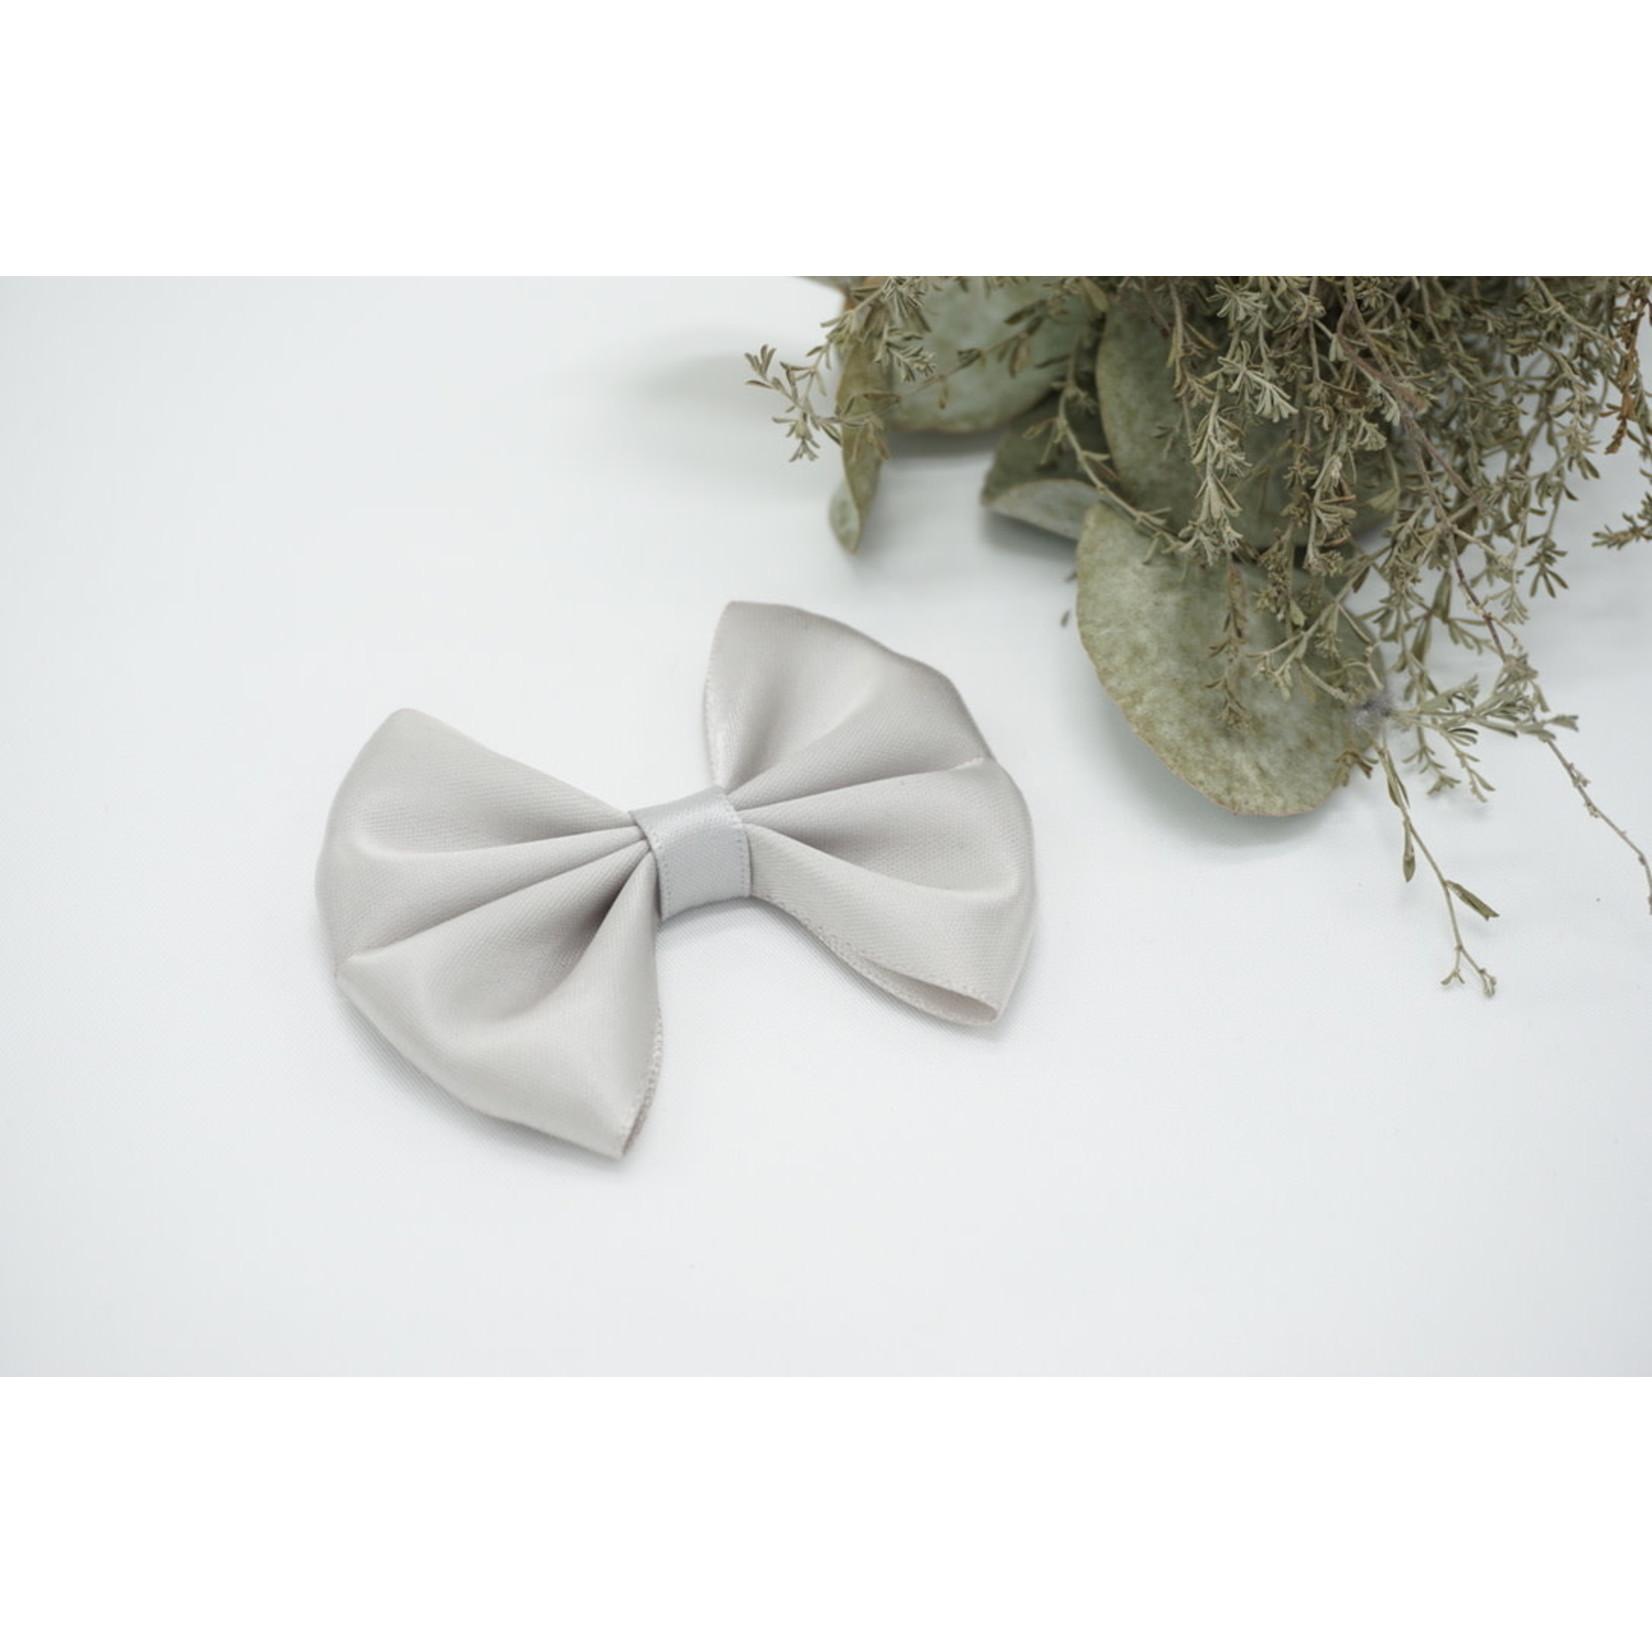 Satin Bow - Light Gray